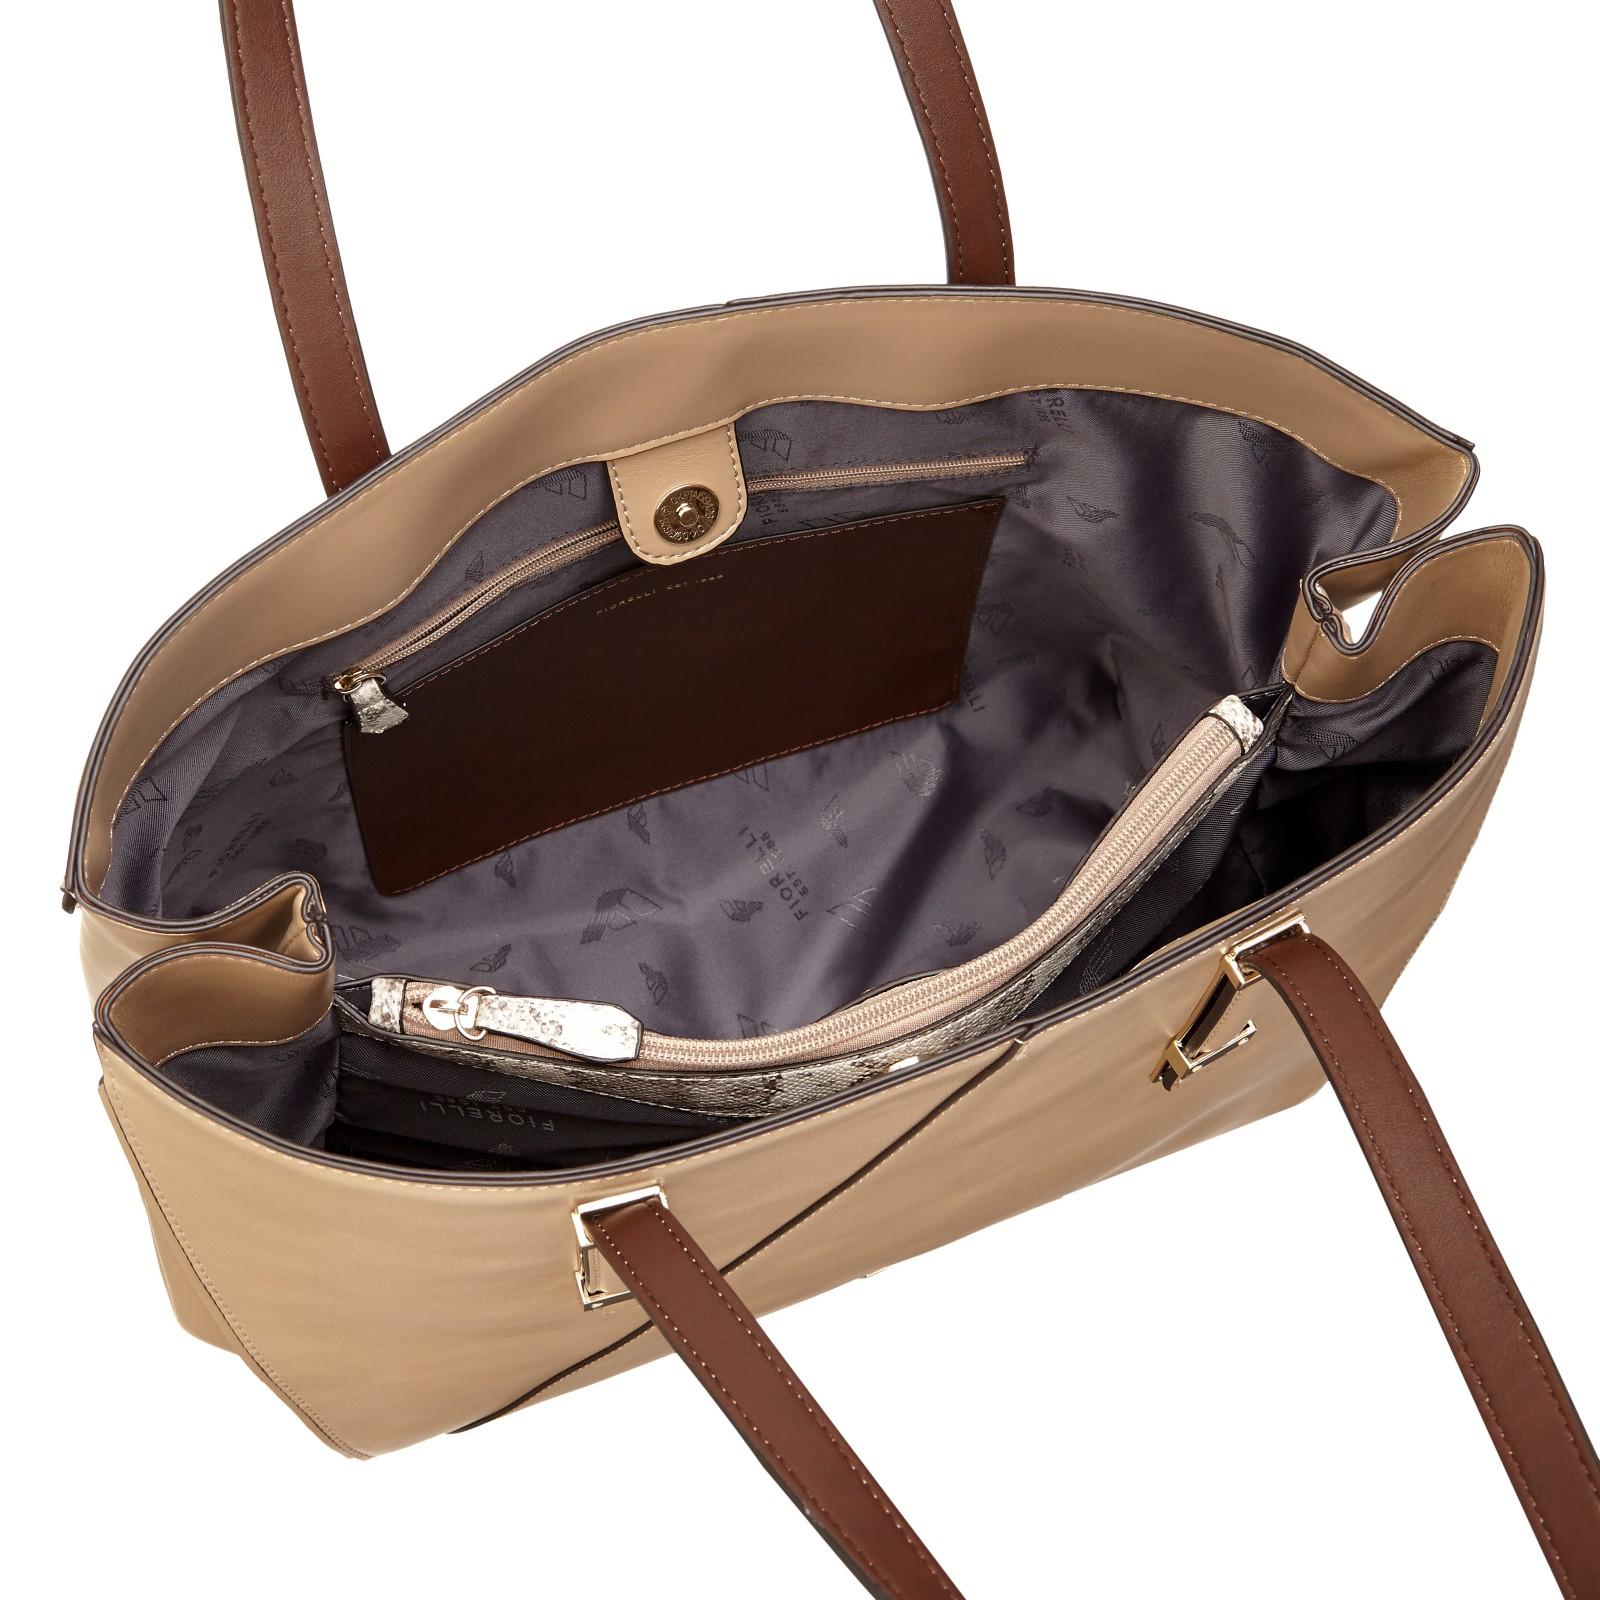 Fiorelli Leather Sloane Mini Tote Bag in Natural